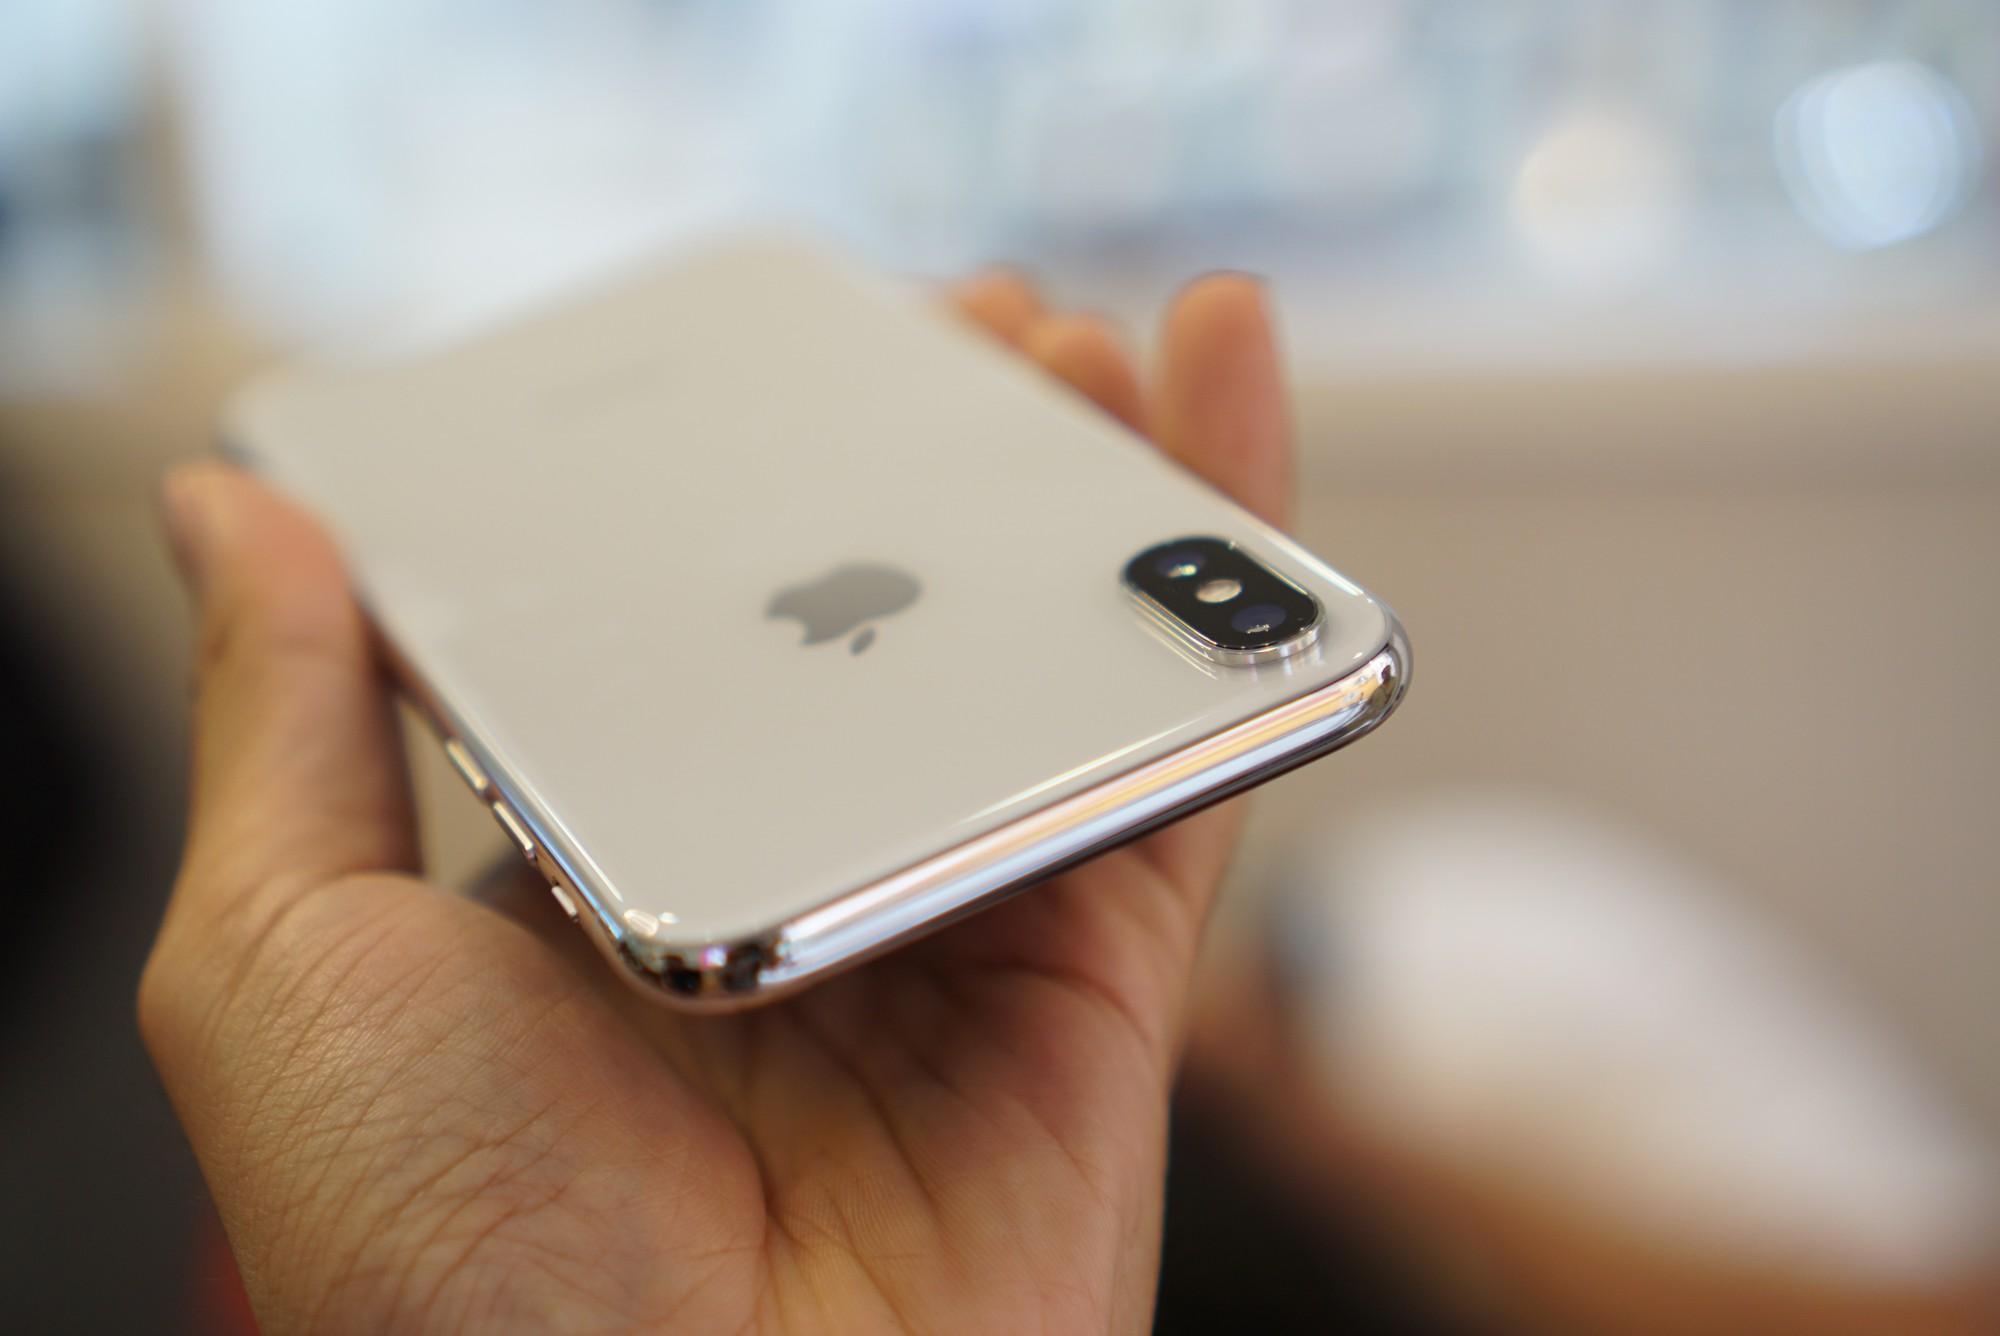 iPhone X giá 68 triệu đây rồi: Màn hình đẹp sắc sảo, thiết kế toàn diện, thao tác hoàn toàn mới - Ảnh 22.